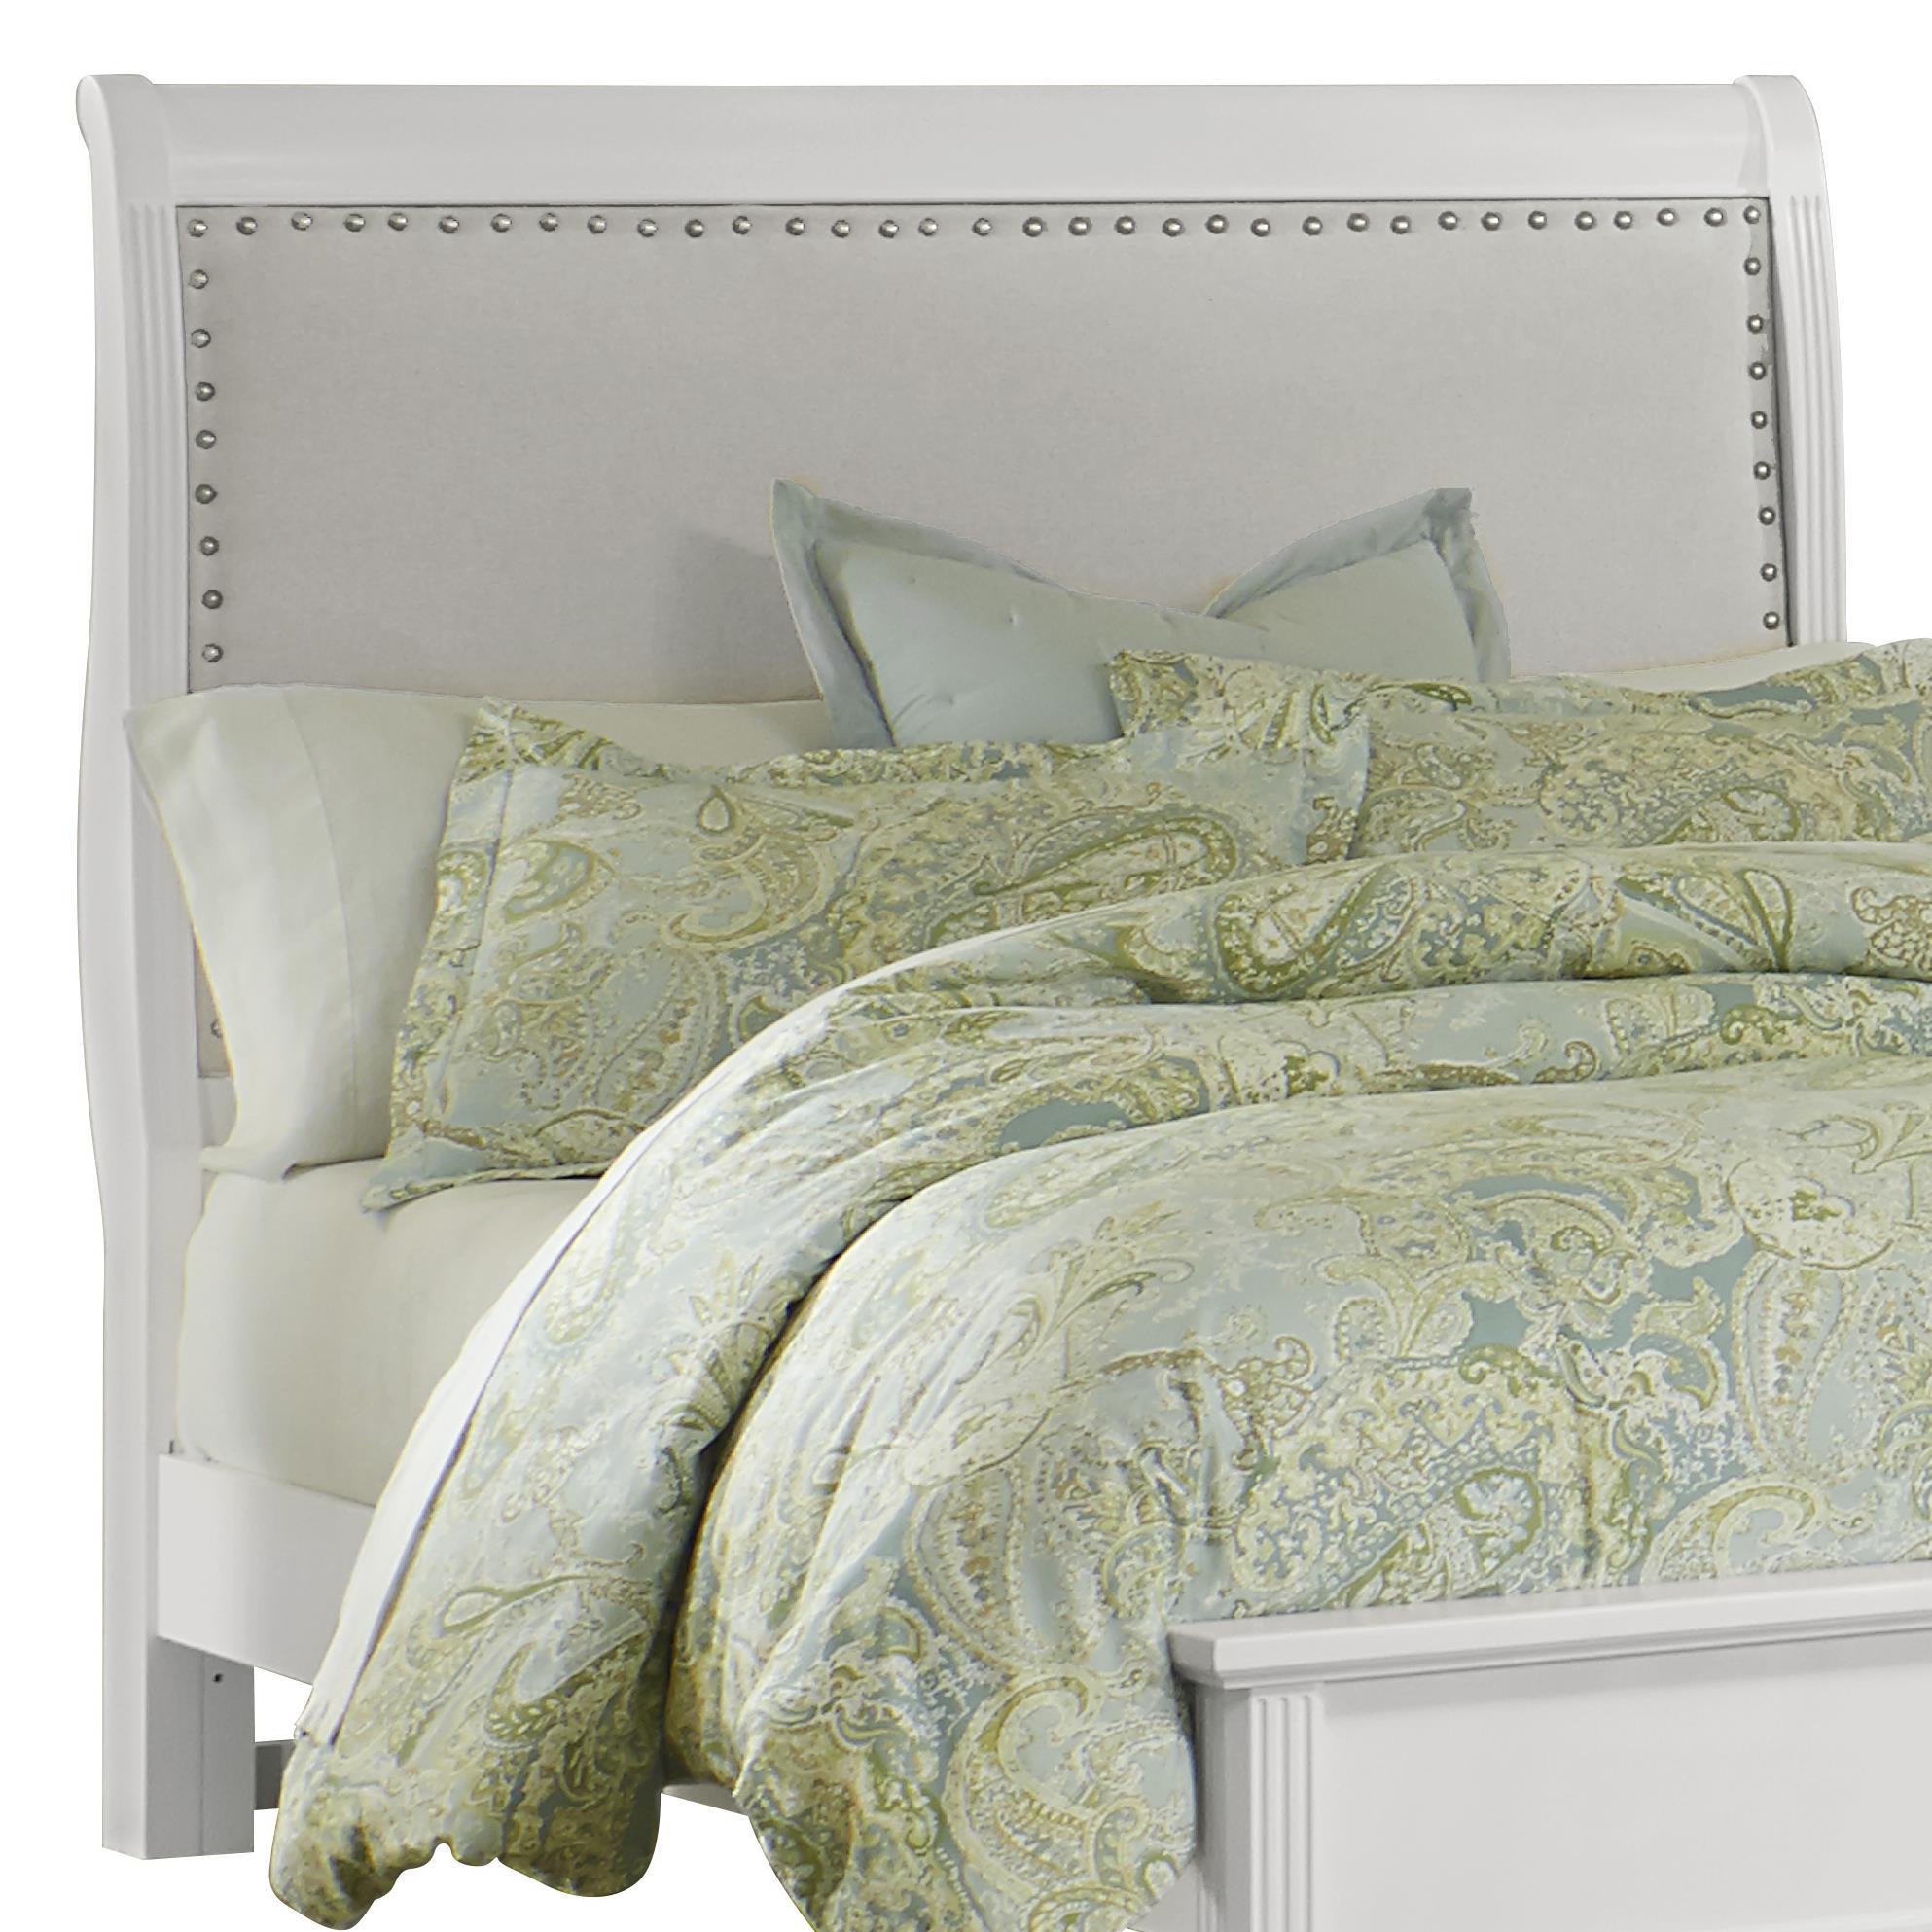 Vaughan Bassett French Market King Upholstered Headboard (Linen) - Item Number: 384-663